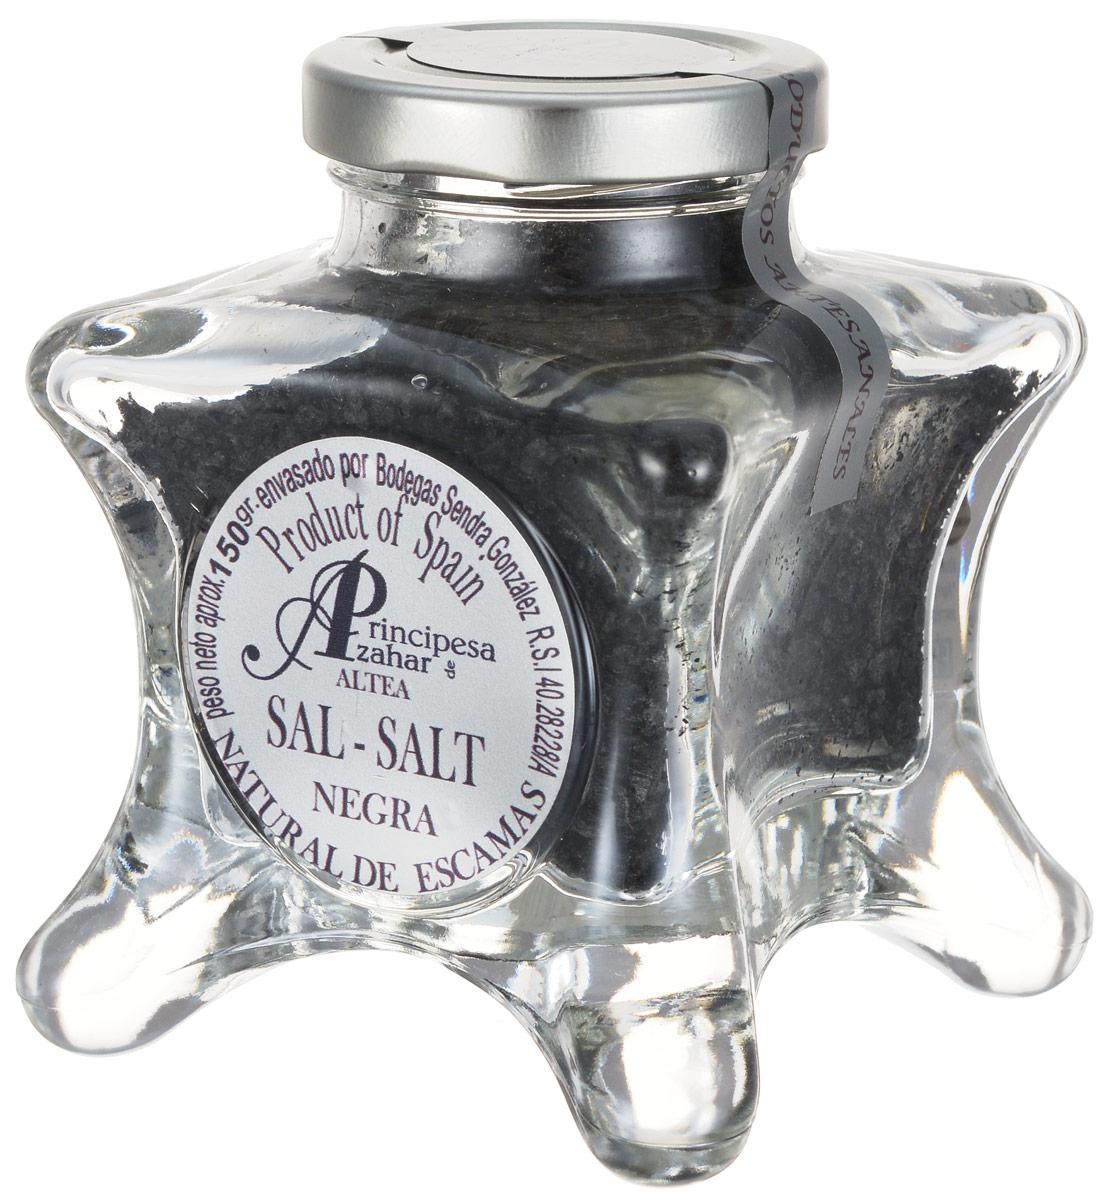 Principe de Azahar черная морская пищевая соль, 150 г0120710Пищевая натуральная морская соль Principe de Azahar от фермера Sendra Gonzalez - это продукт для гурманов, а также любителей кулинарии с воображением. Она окрашена чернилами морской каракатицы. Морская соль полезнее обычной поваренной, так как содержит высокую концентрацию магния и других полезных веществ.